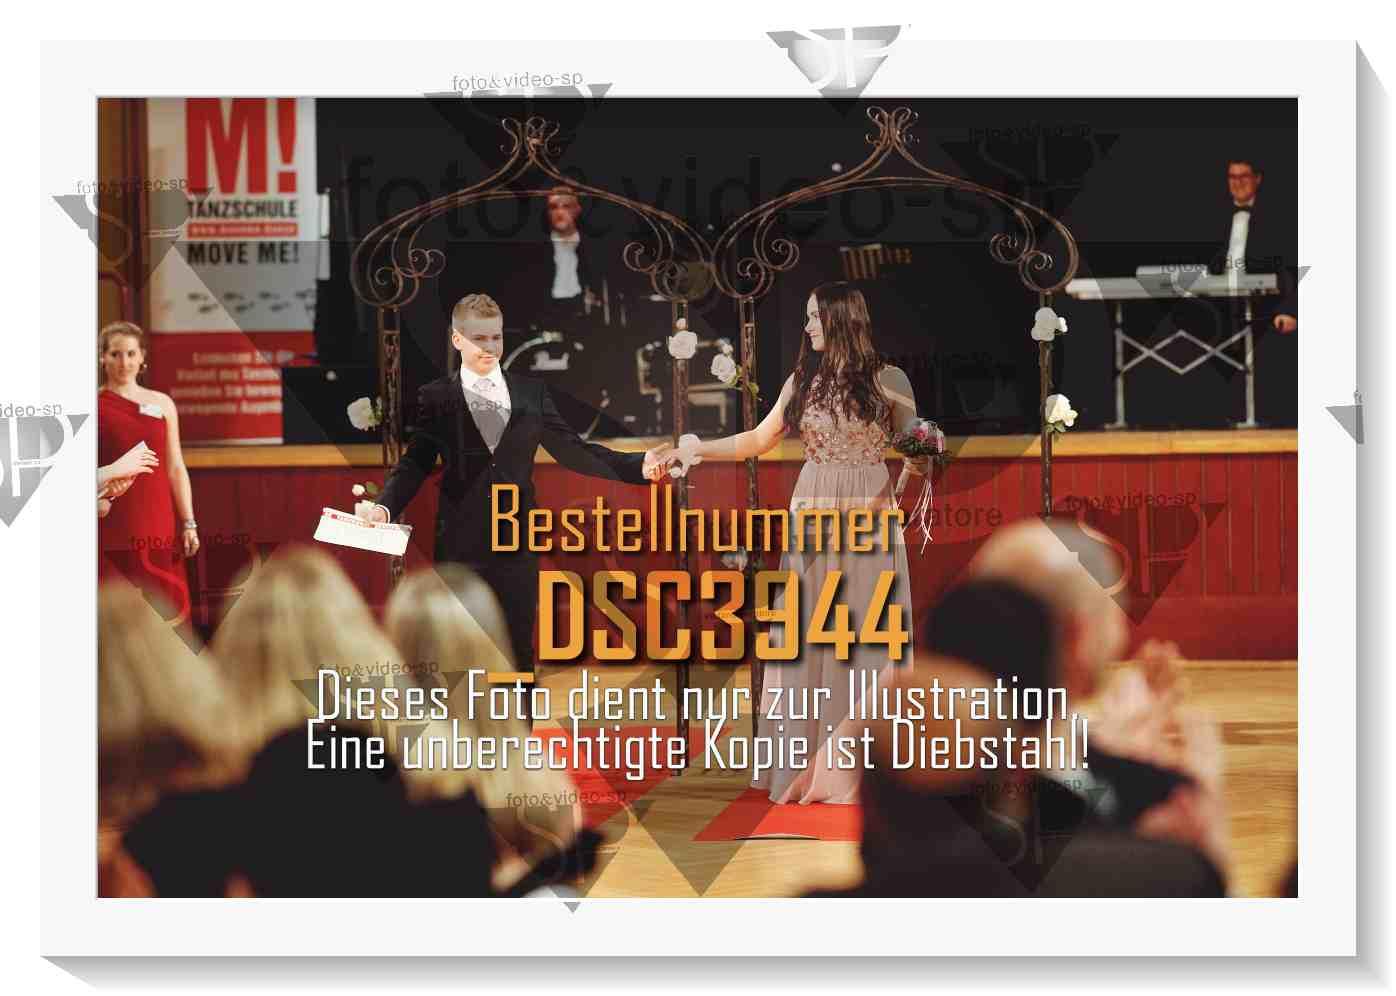 DSC3944